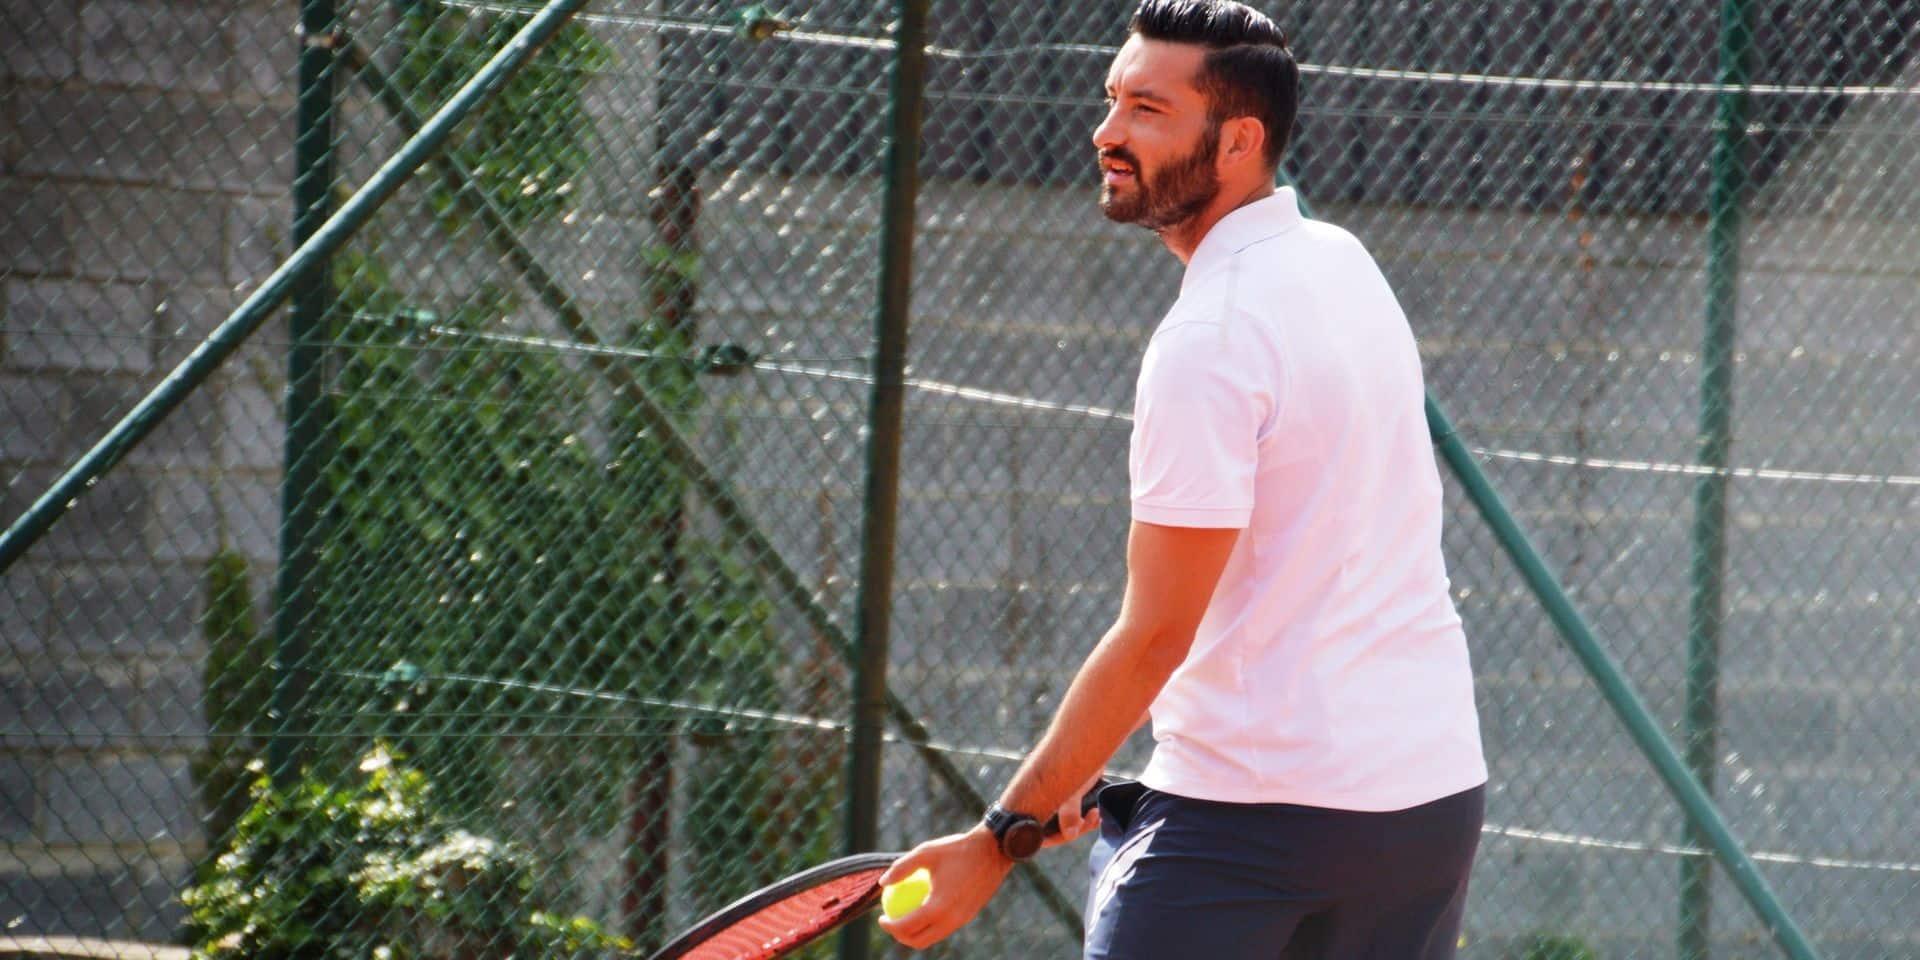 Joris Urbain, du football à Dottignies aux finales des tournois de tennis